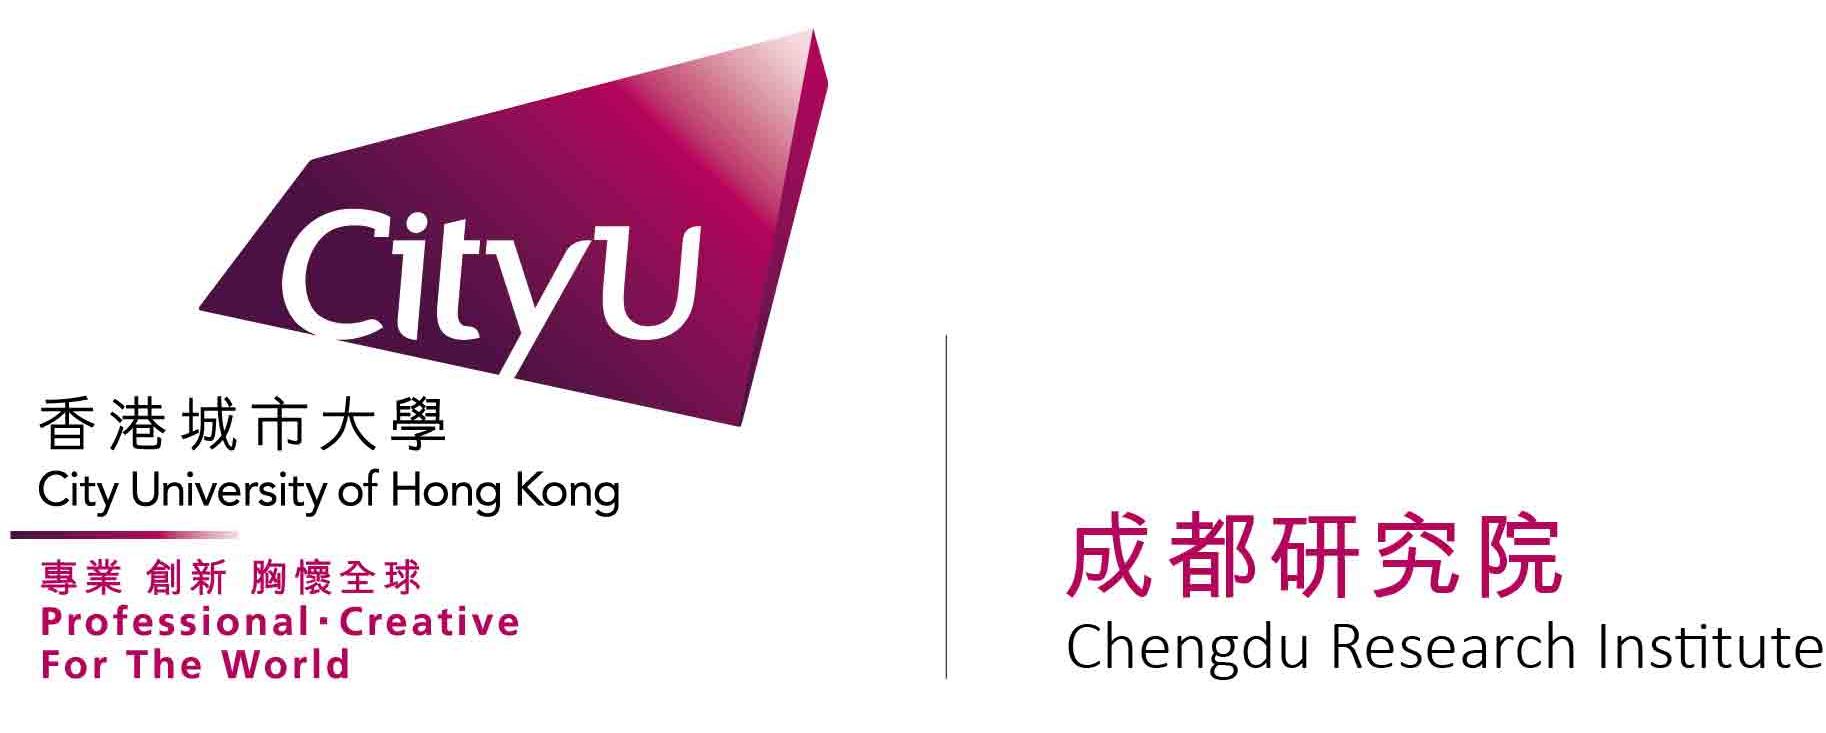 香港城市大学成都研究院